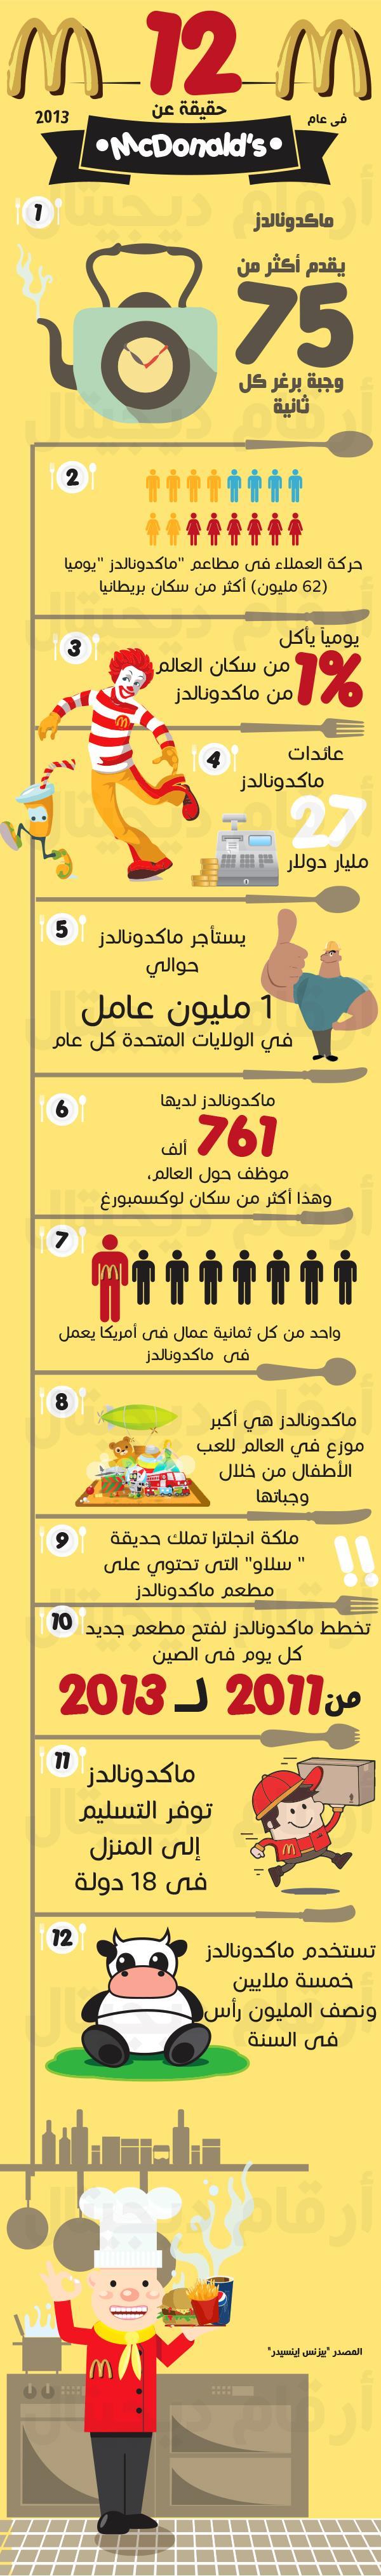 ارقام ديجيتال انفوجراف حقائق مدهشة عن ماكدونالدز Business Marketing Marketing Online Marketing